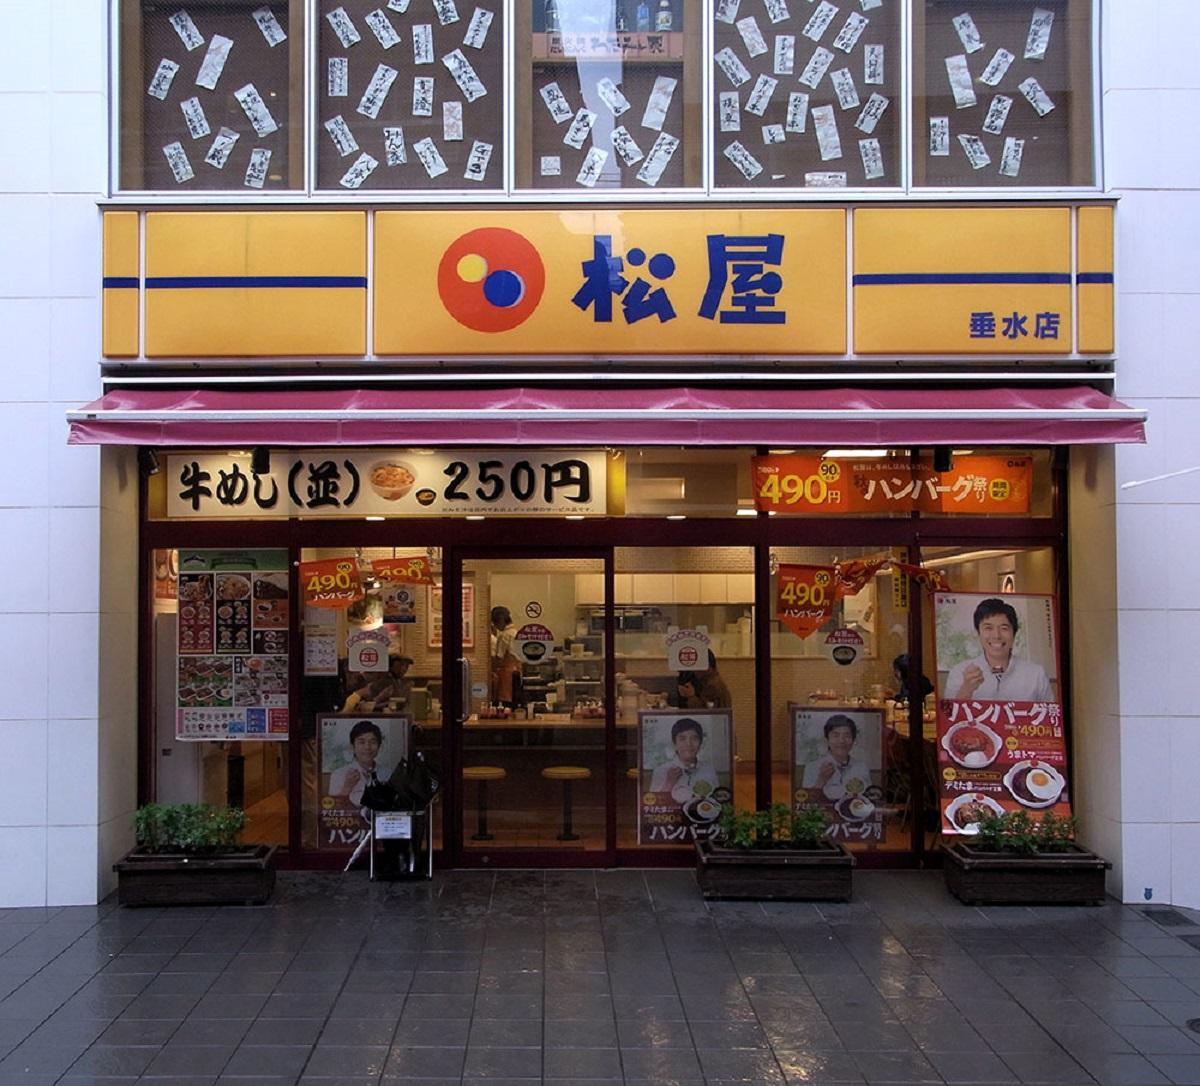 В Москве запускают сеть японского фастфуда «Мацуя»